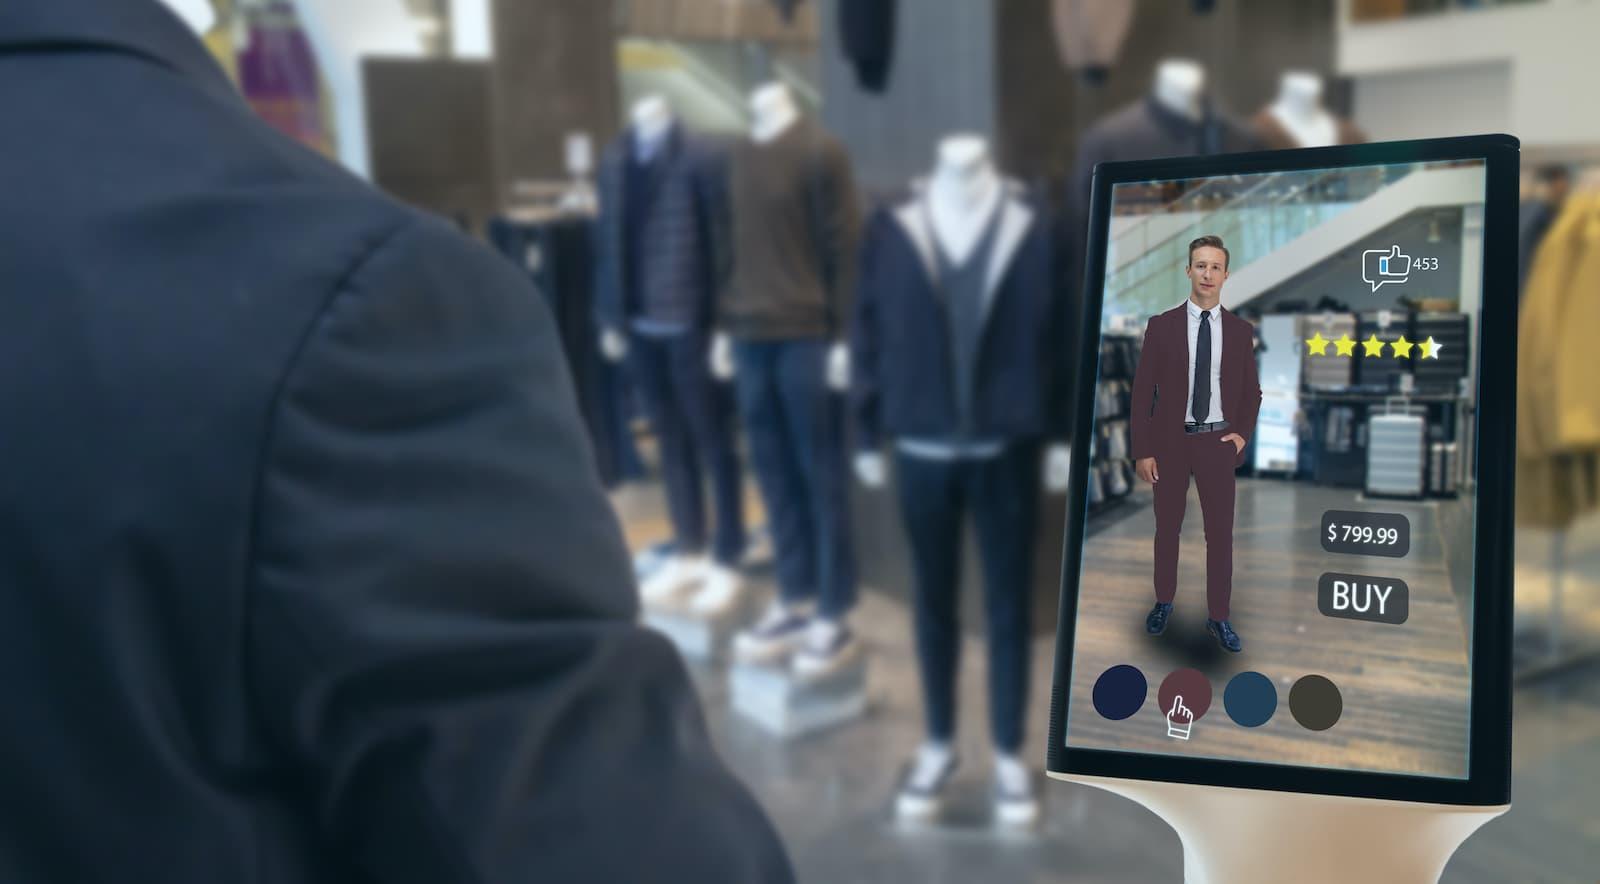 Moda przyszłości: inteligentne ubrania, sztuczna inteligencja zamiast stylistów i…